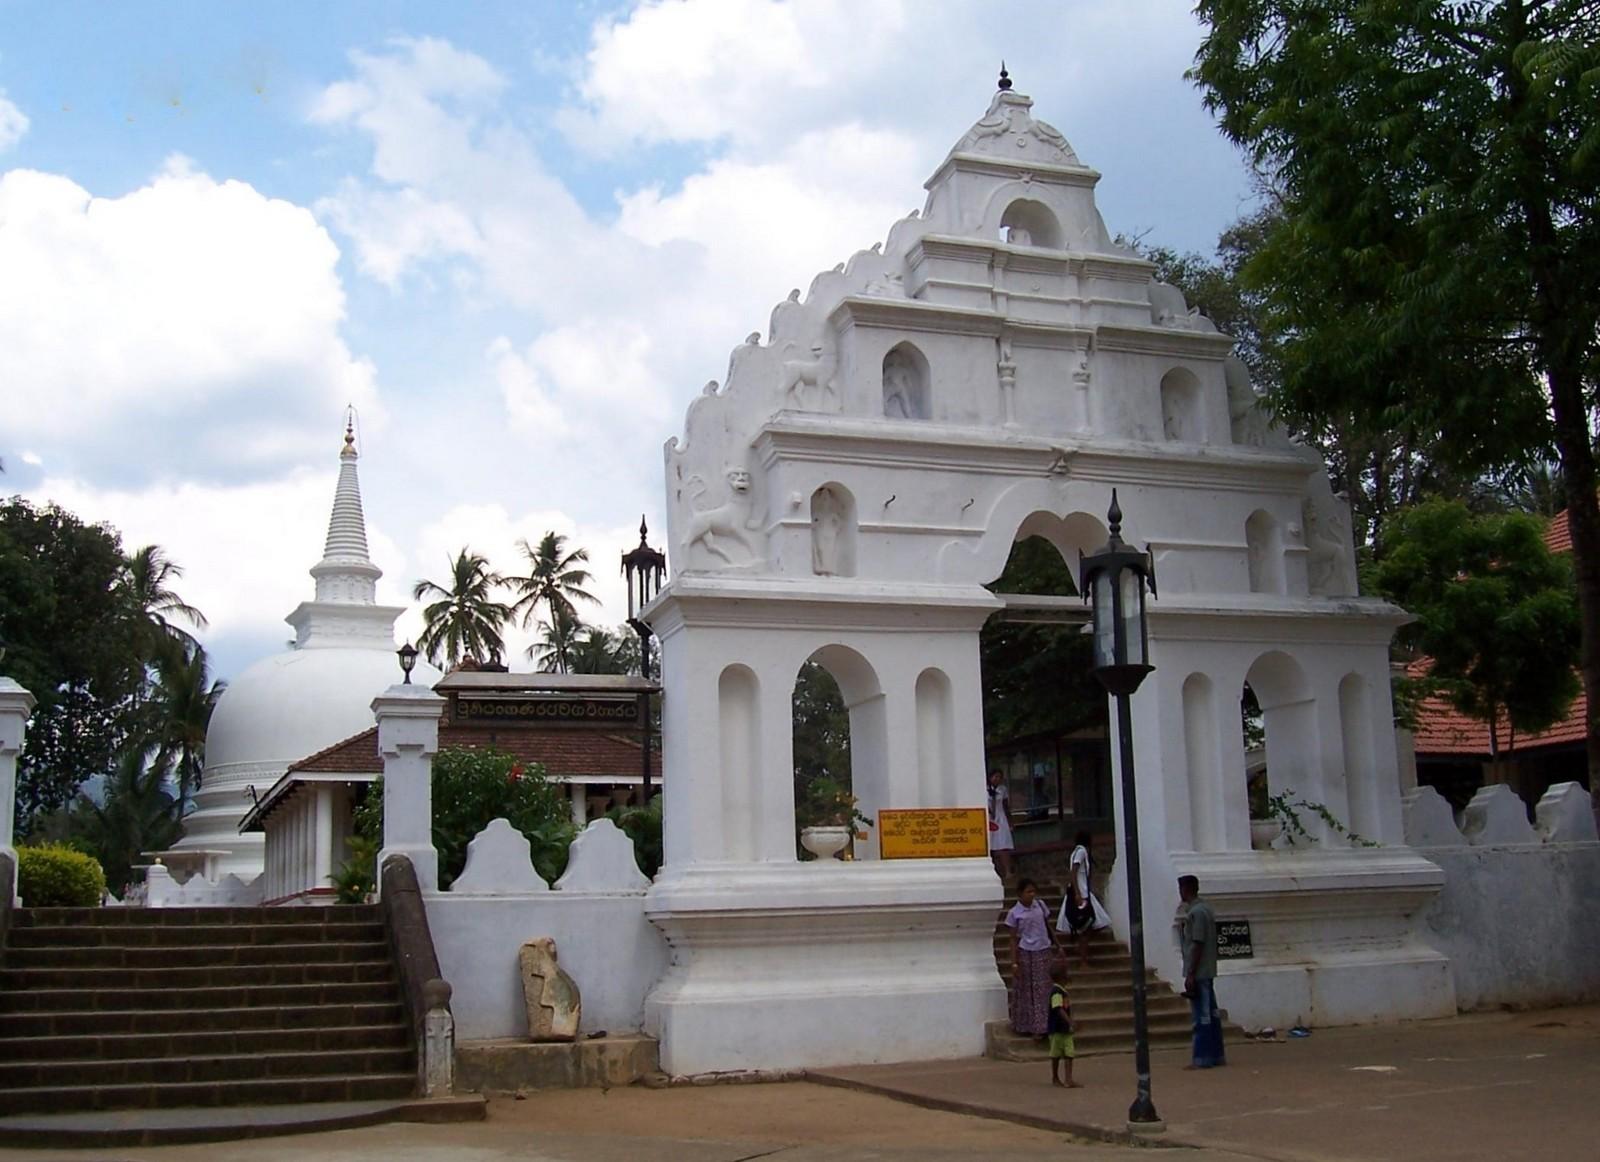 Thorana des Tempels Muthiyangana Raja Maha Viharaya in Badulla